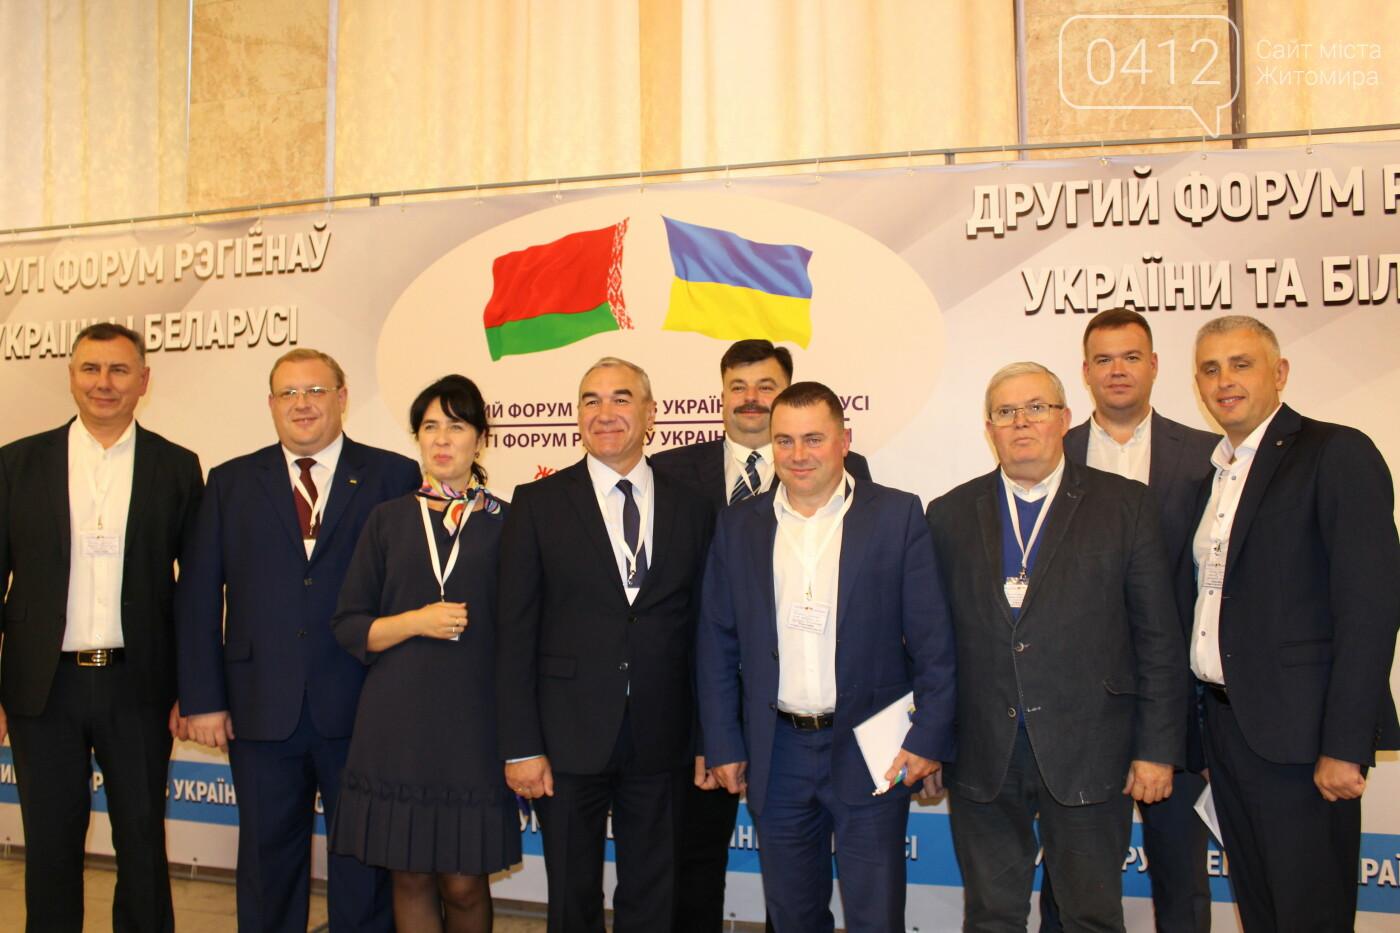 Володимир Зеленський зустрівся з Олександром Лукашенком у Житомирі, фото-7